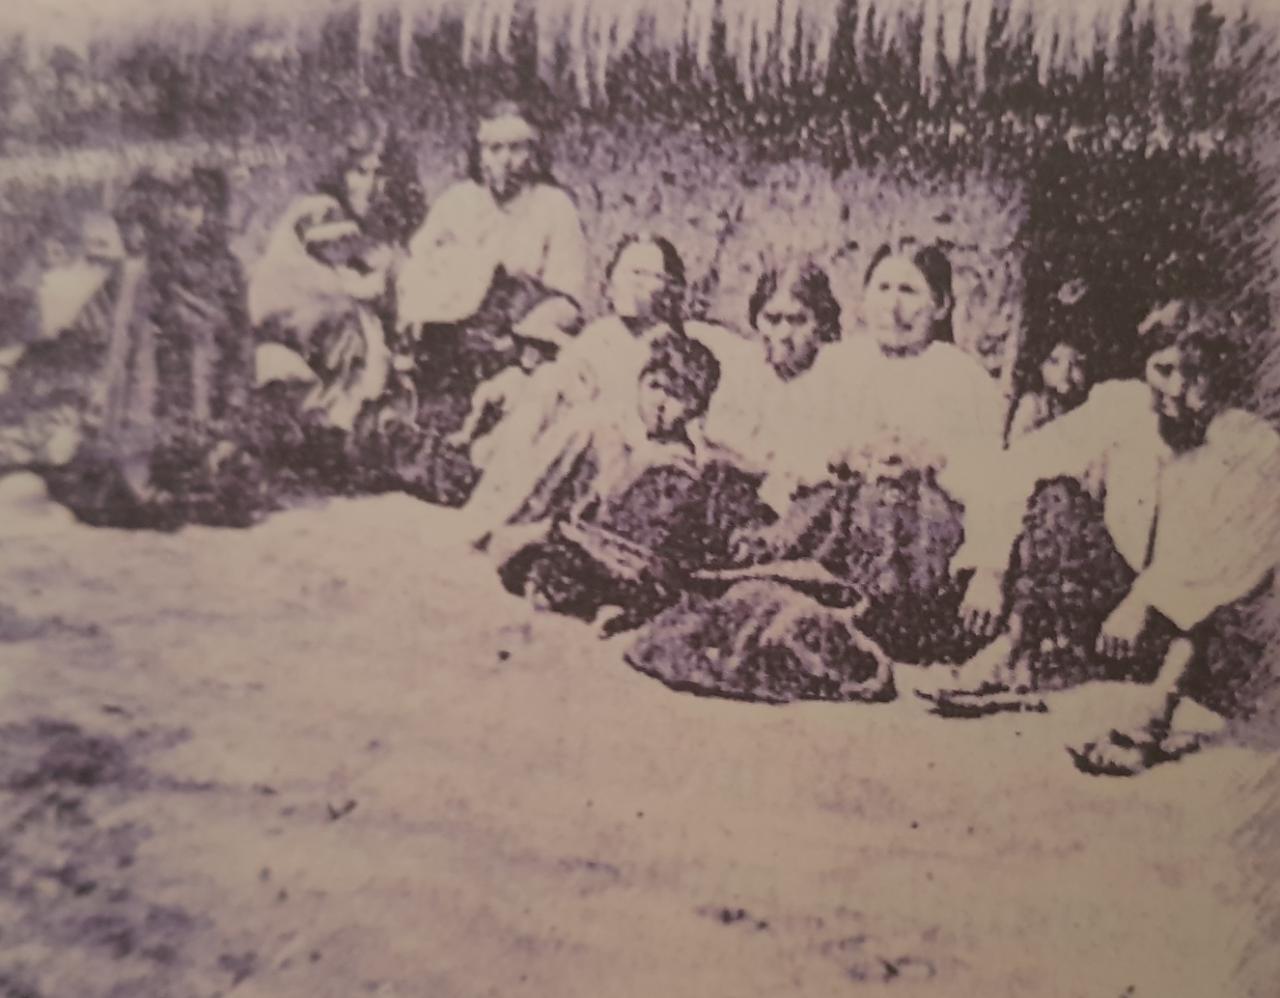 Un libro rescata la historia de cómo la peste bubónica se llevó a 1.000 personas en Padcaya